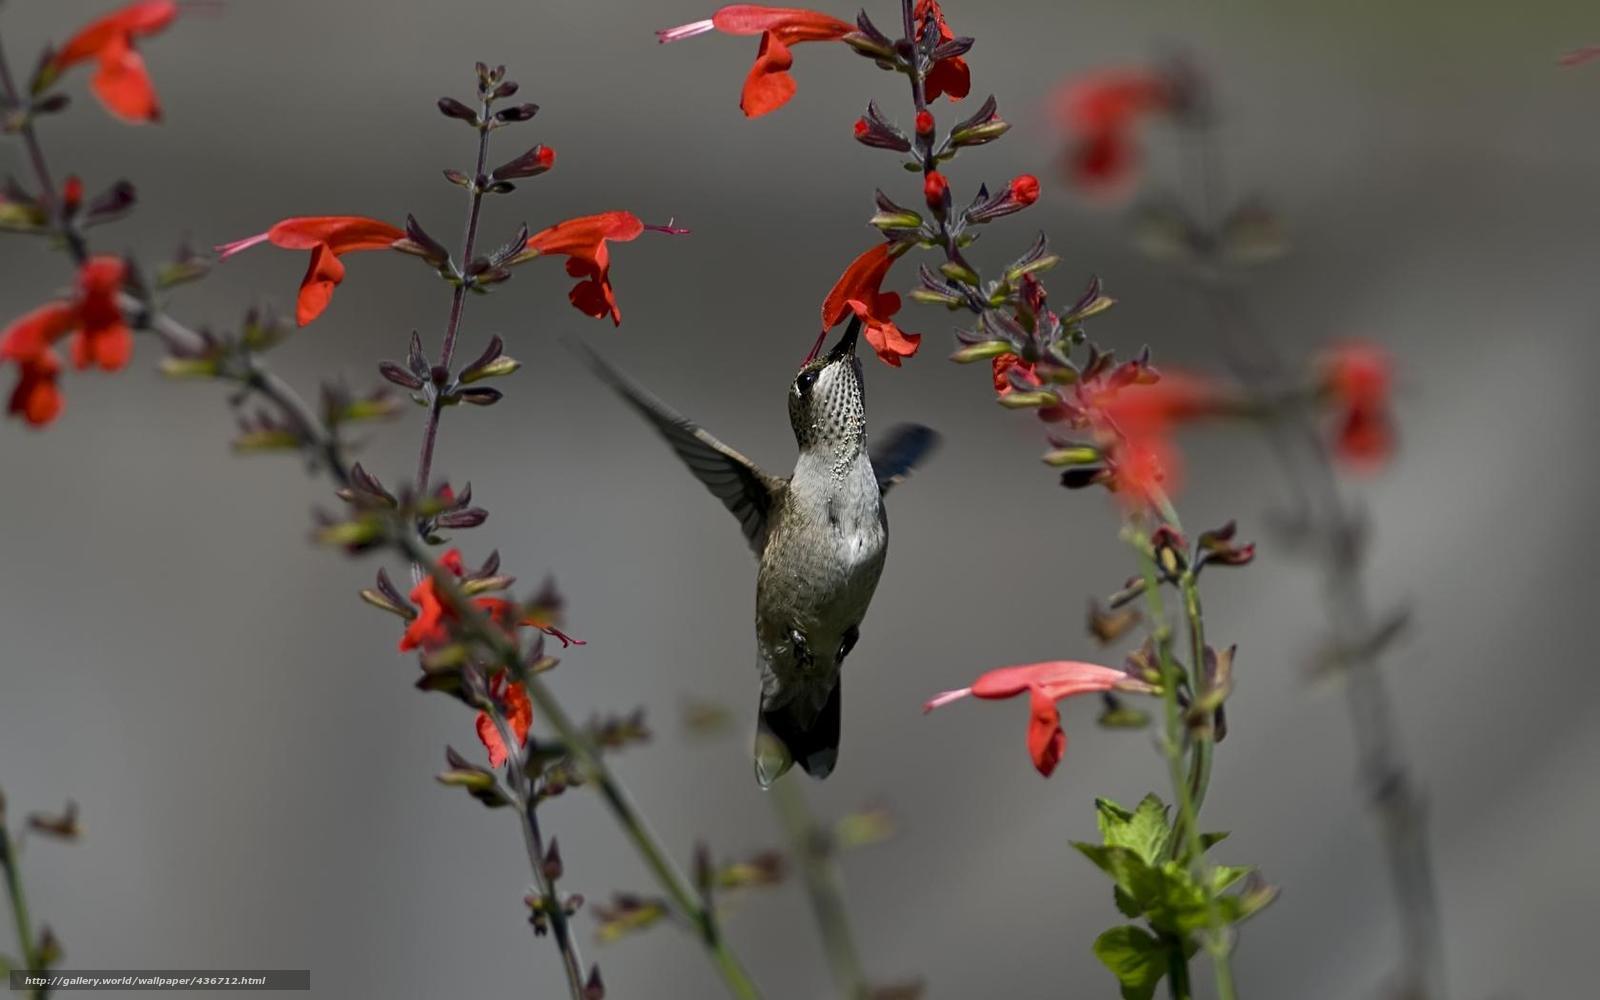 Скачать обои птица,  колибри,  цветы,  красные бесплатно для рабочего стола в разрешении 1680x1050 — картинка №436712